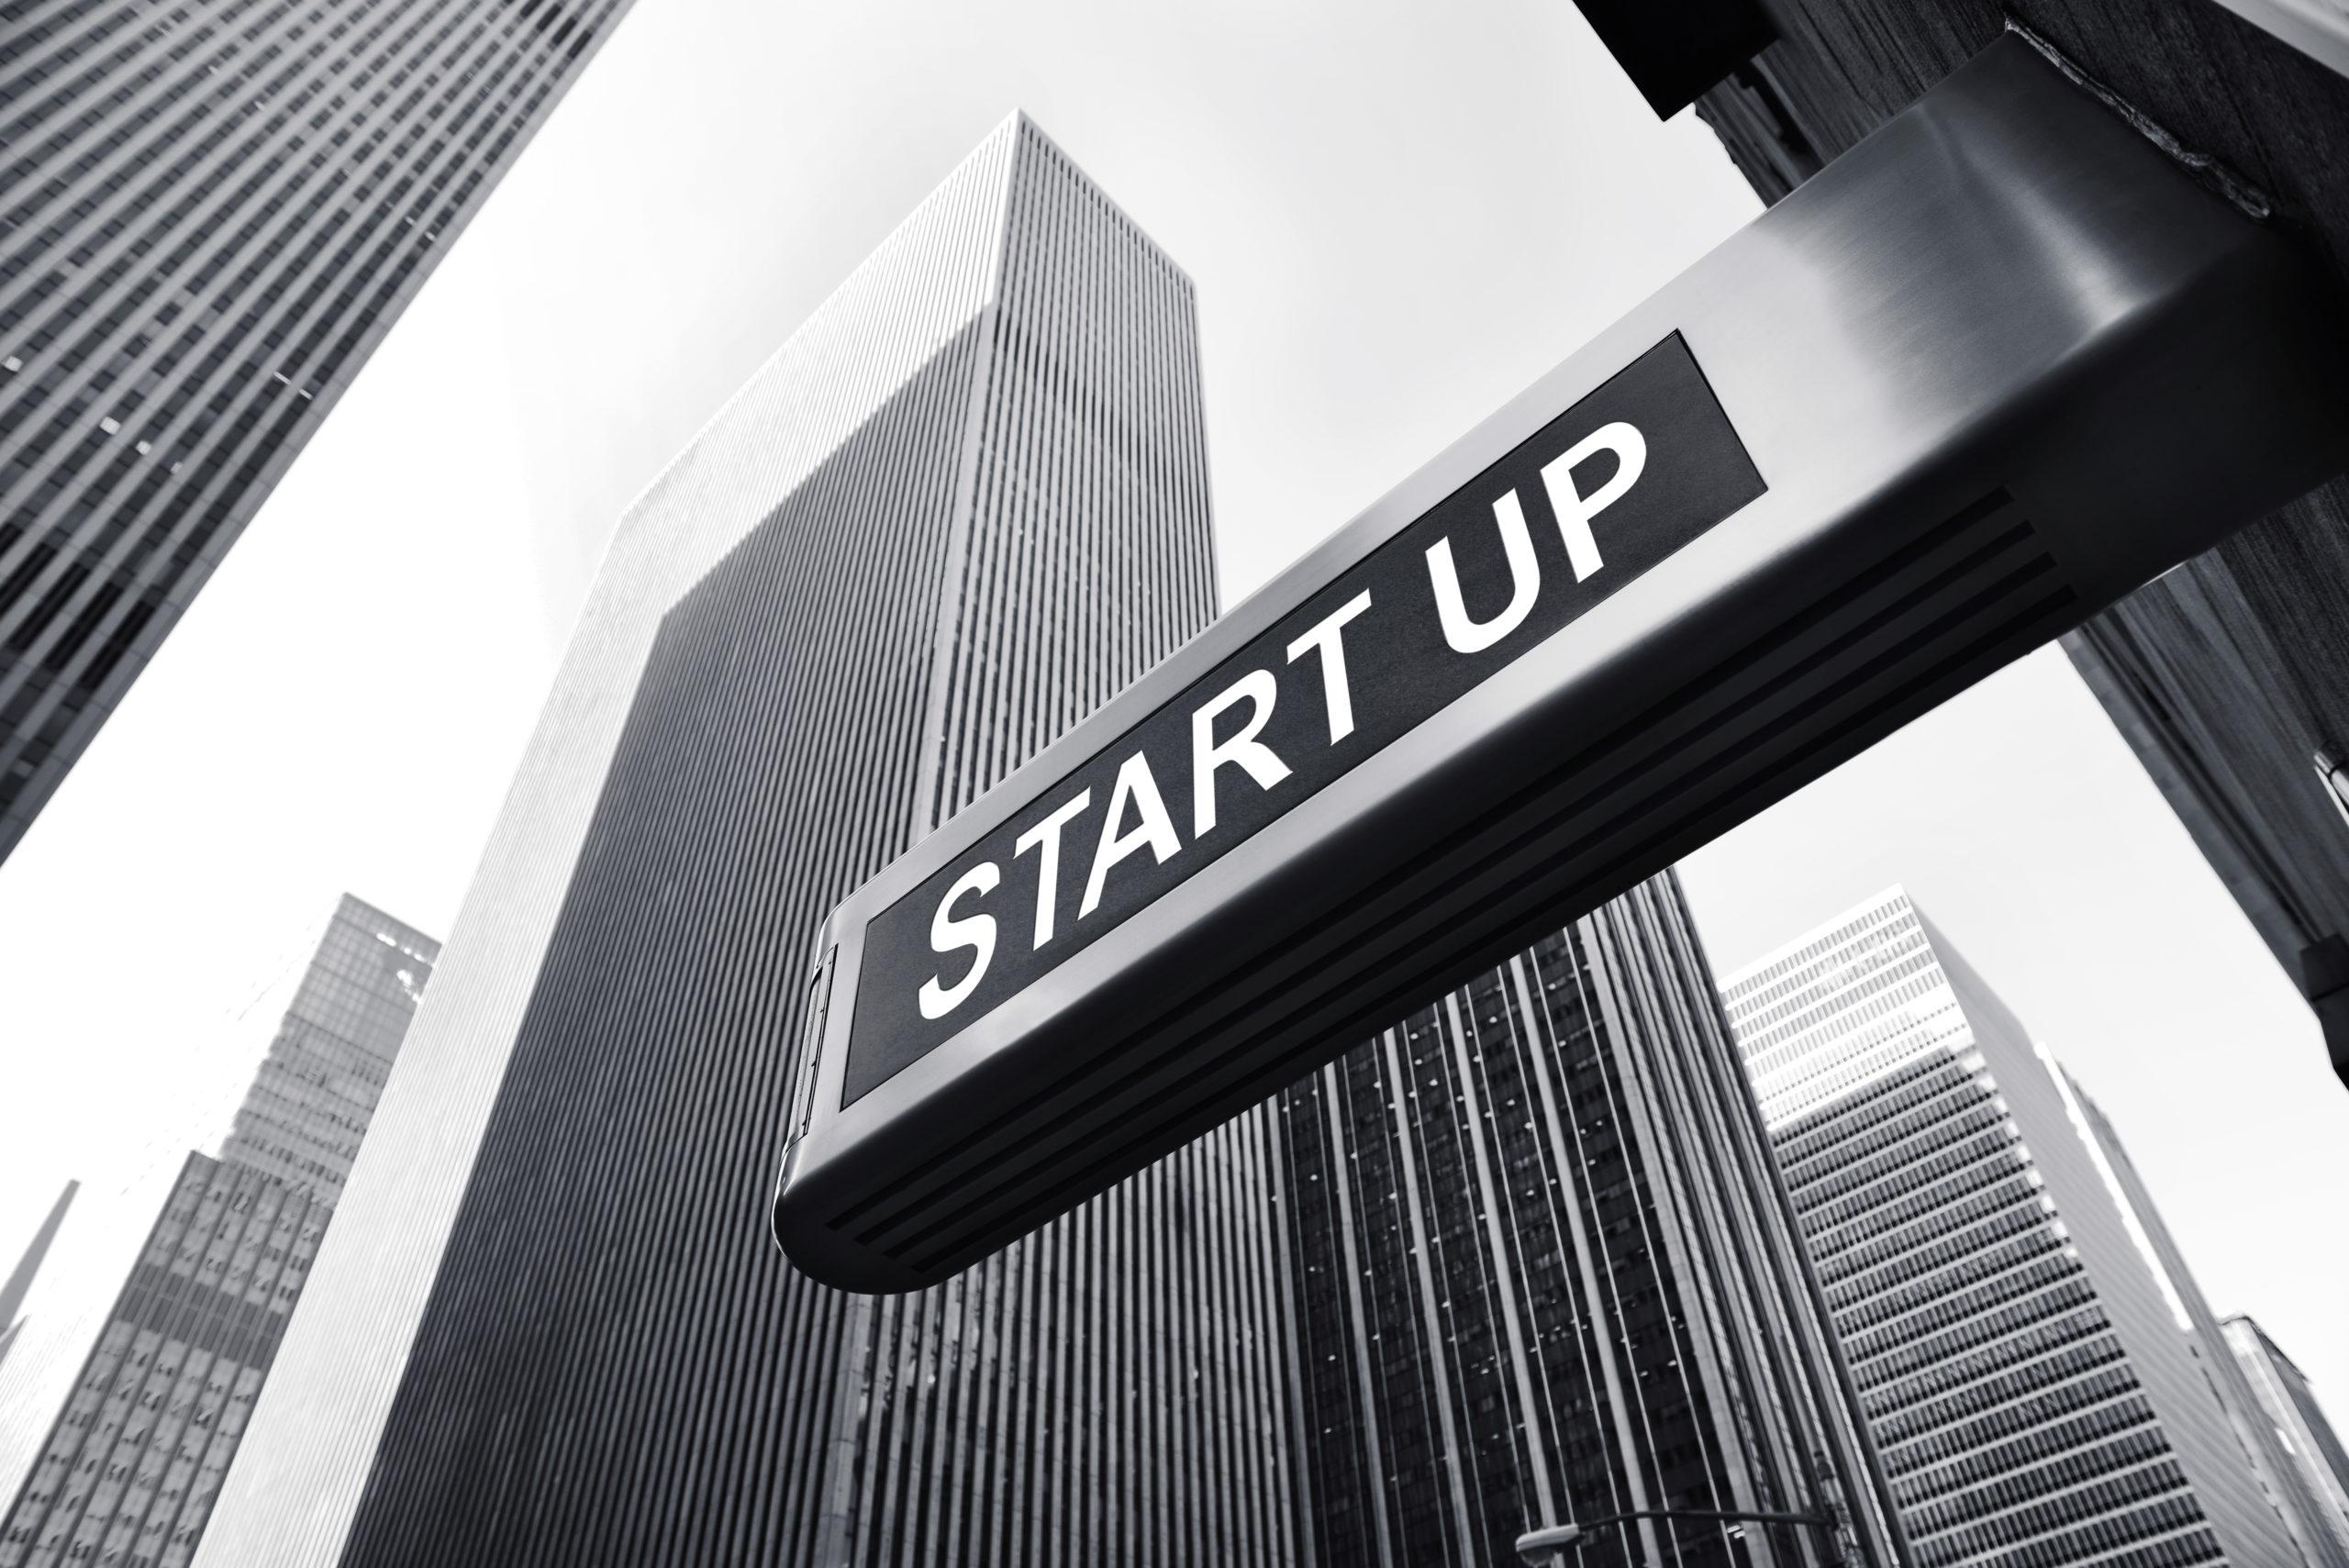 טיפים להסכם מייסדים מוצלח למיזם סטארט-אפ